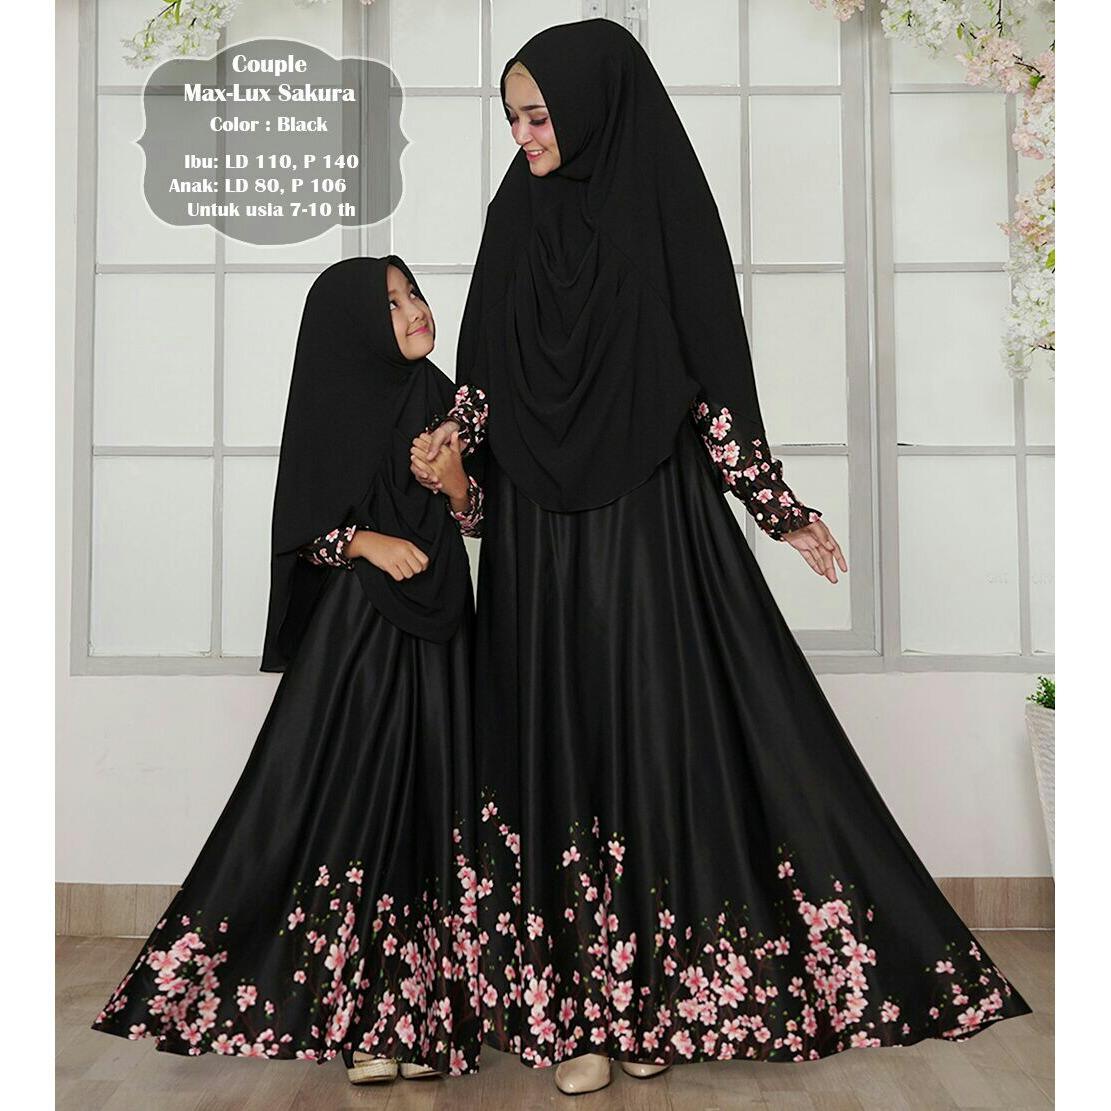 Humaira99 Gamis Syari Muslim Couple Ibu Anak Dress Hijab Muslimah Atasan Wanita Maxmara Sakura